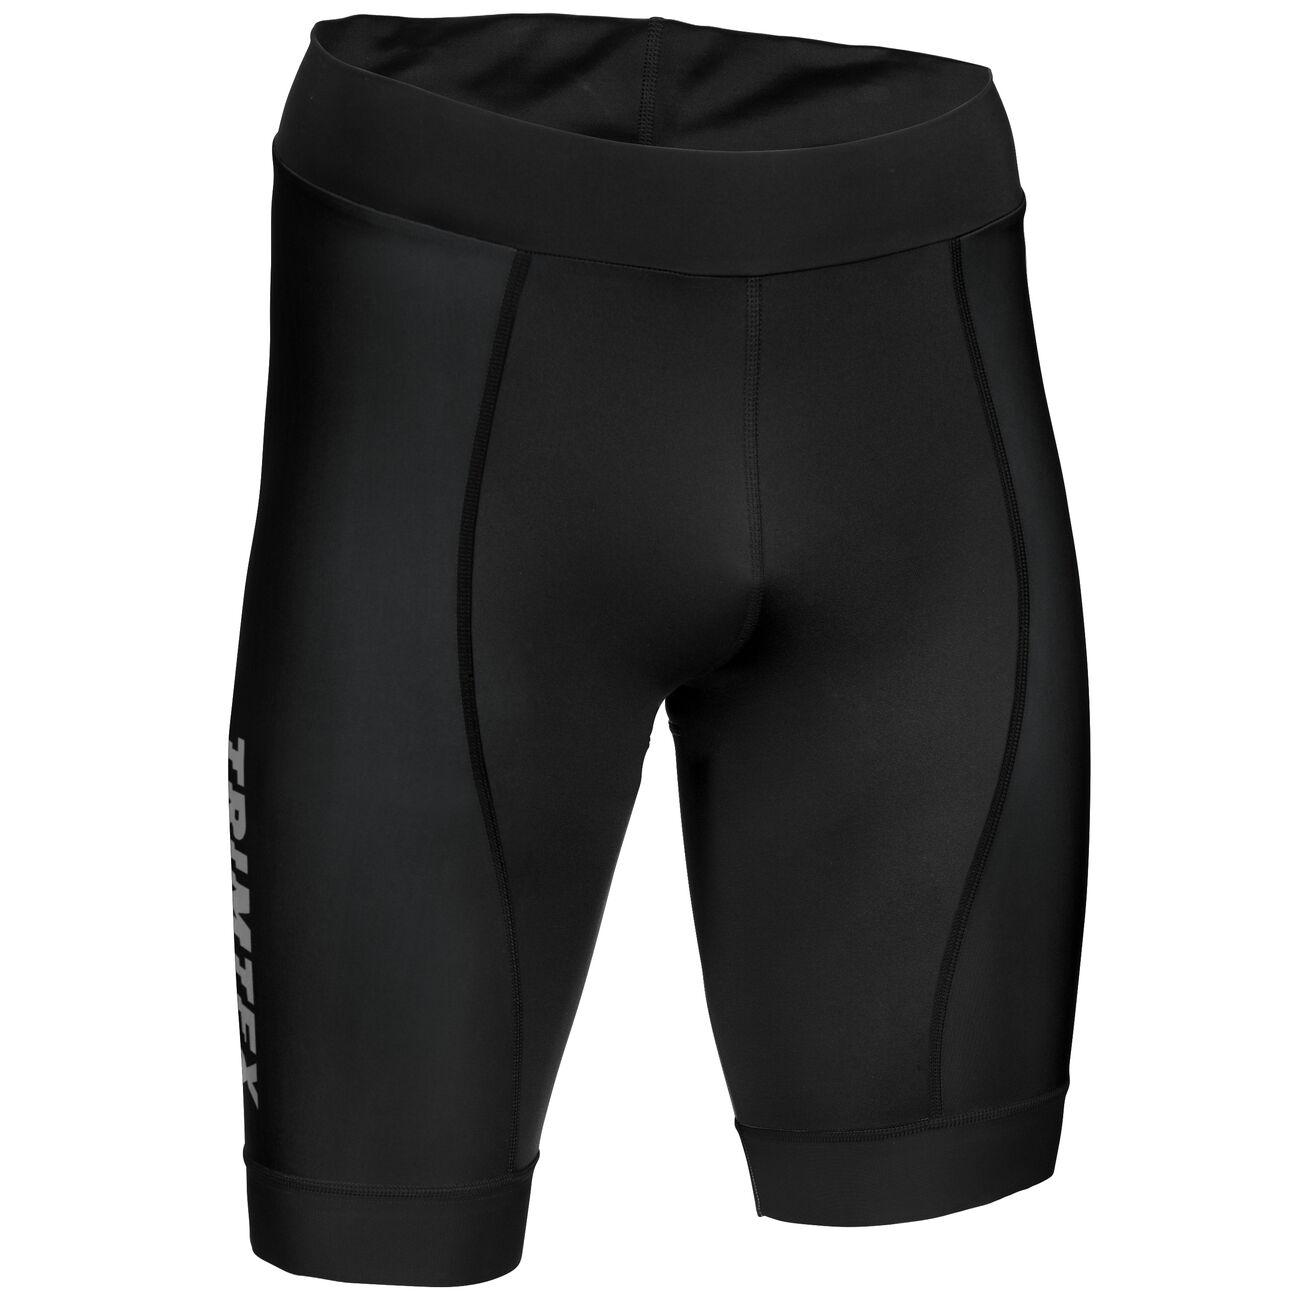 Drive Tri shorts NP herre